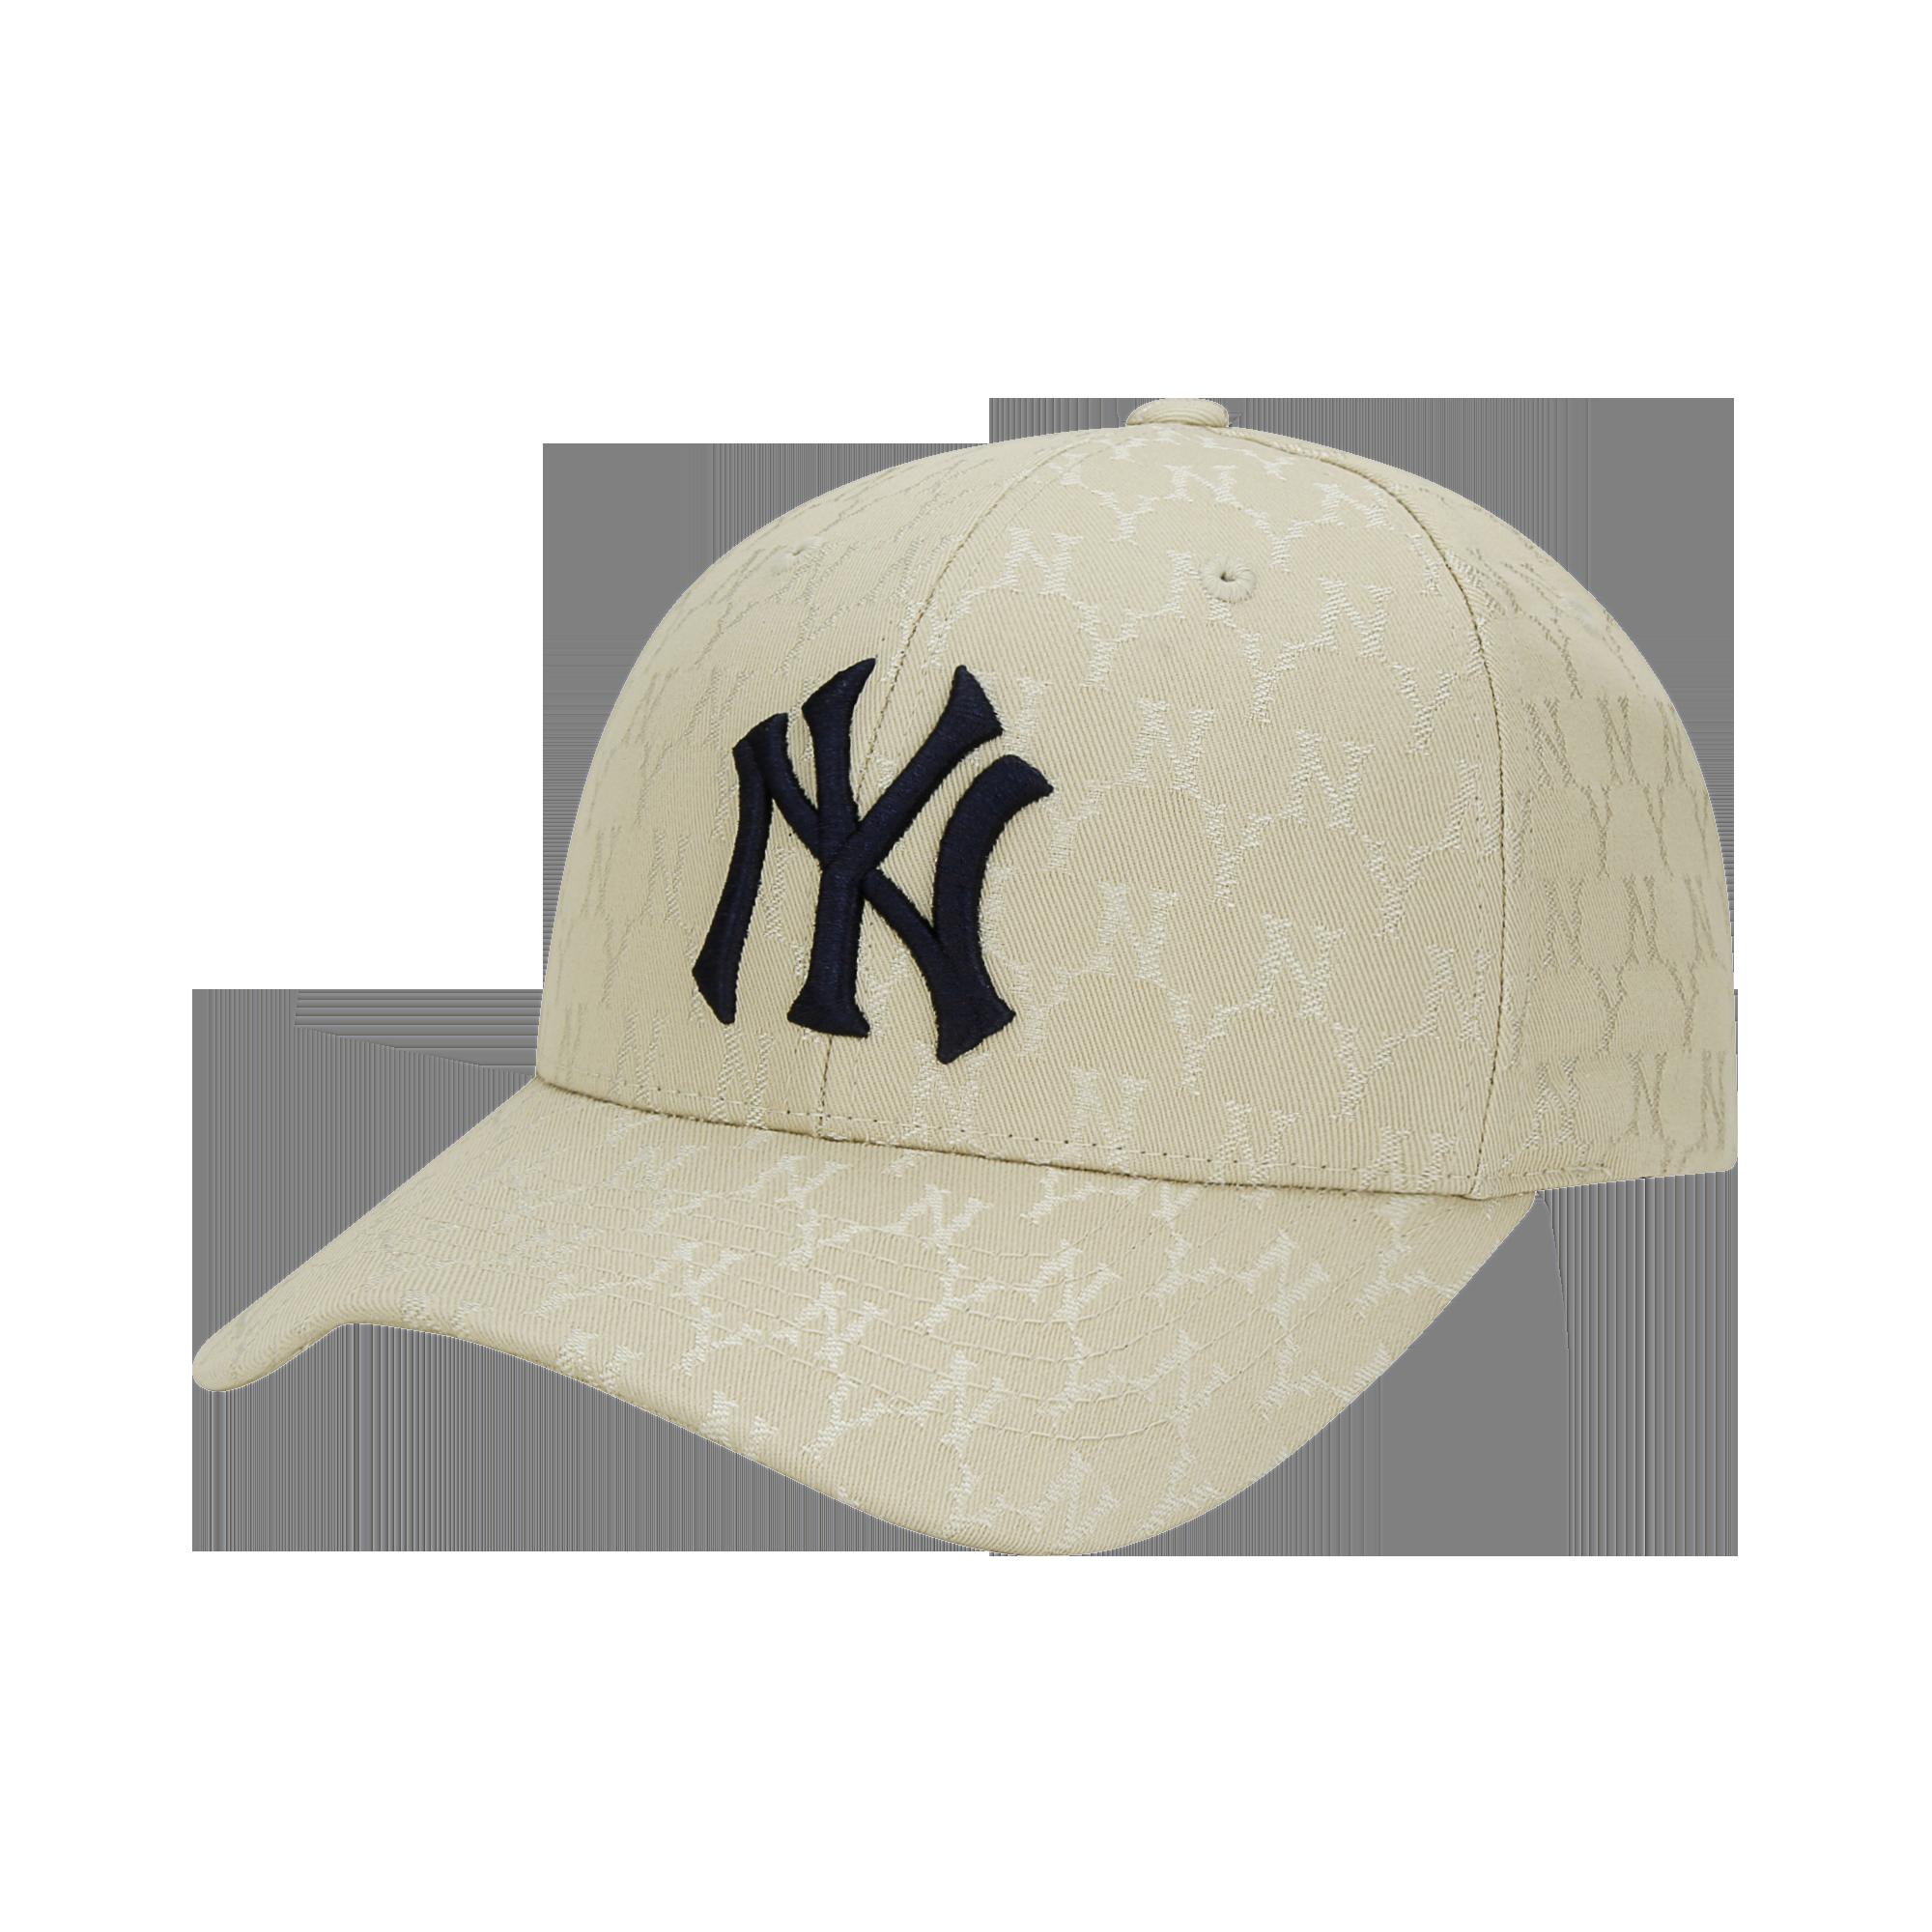 모노그램 자카드 커브조절캡 뉴욕양키스